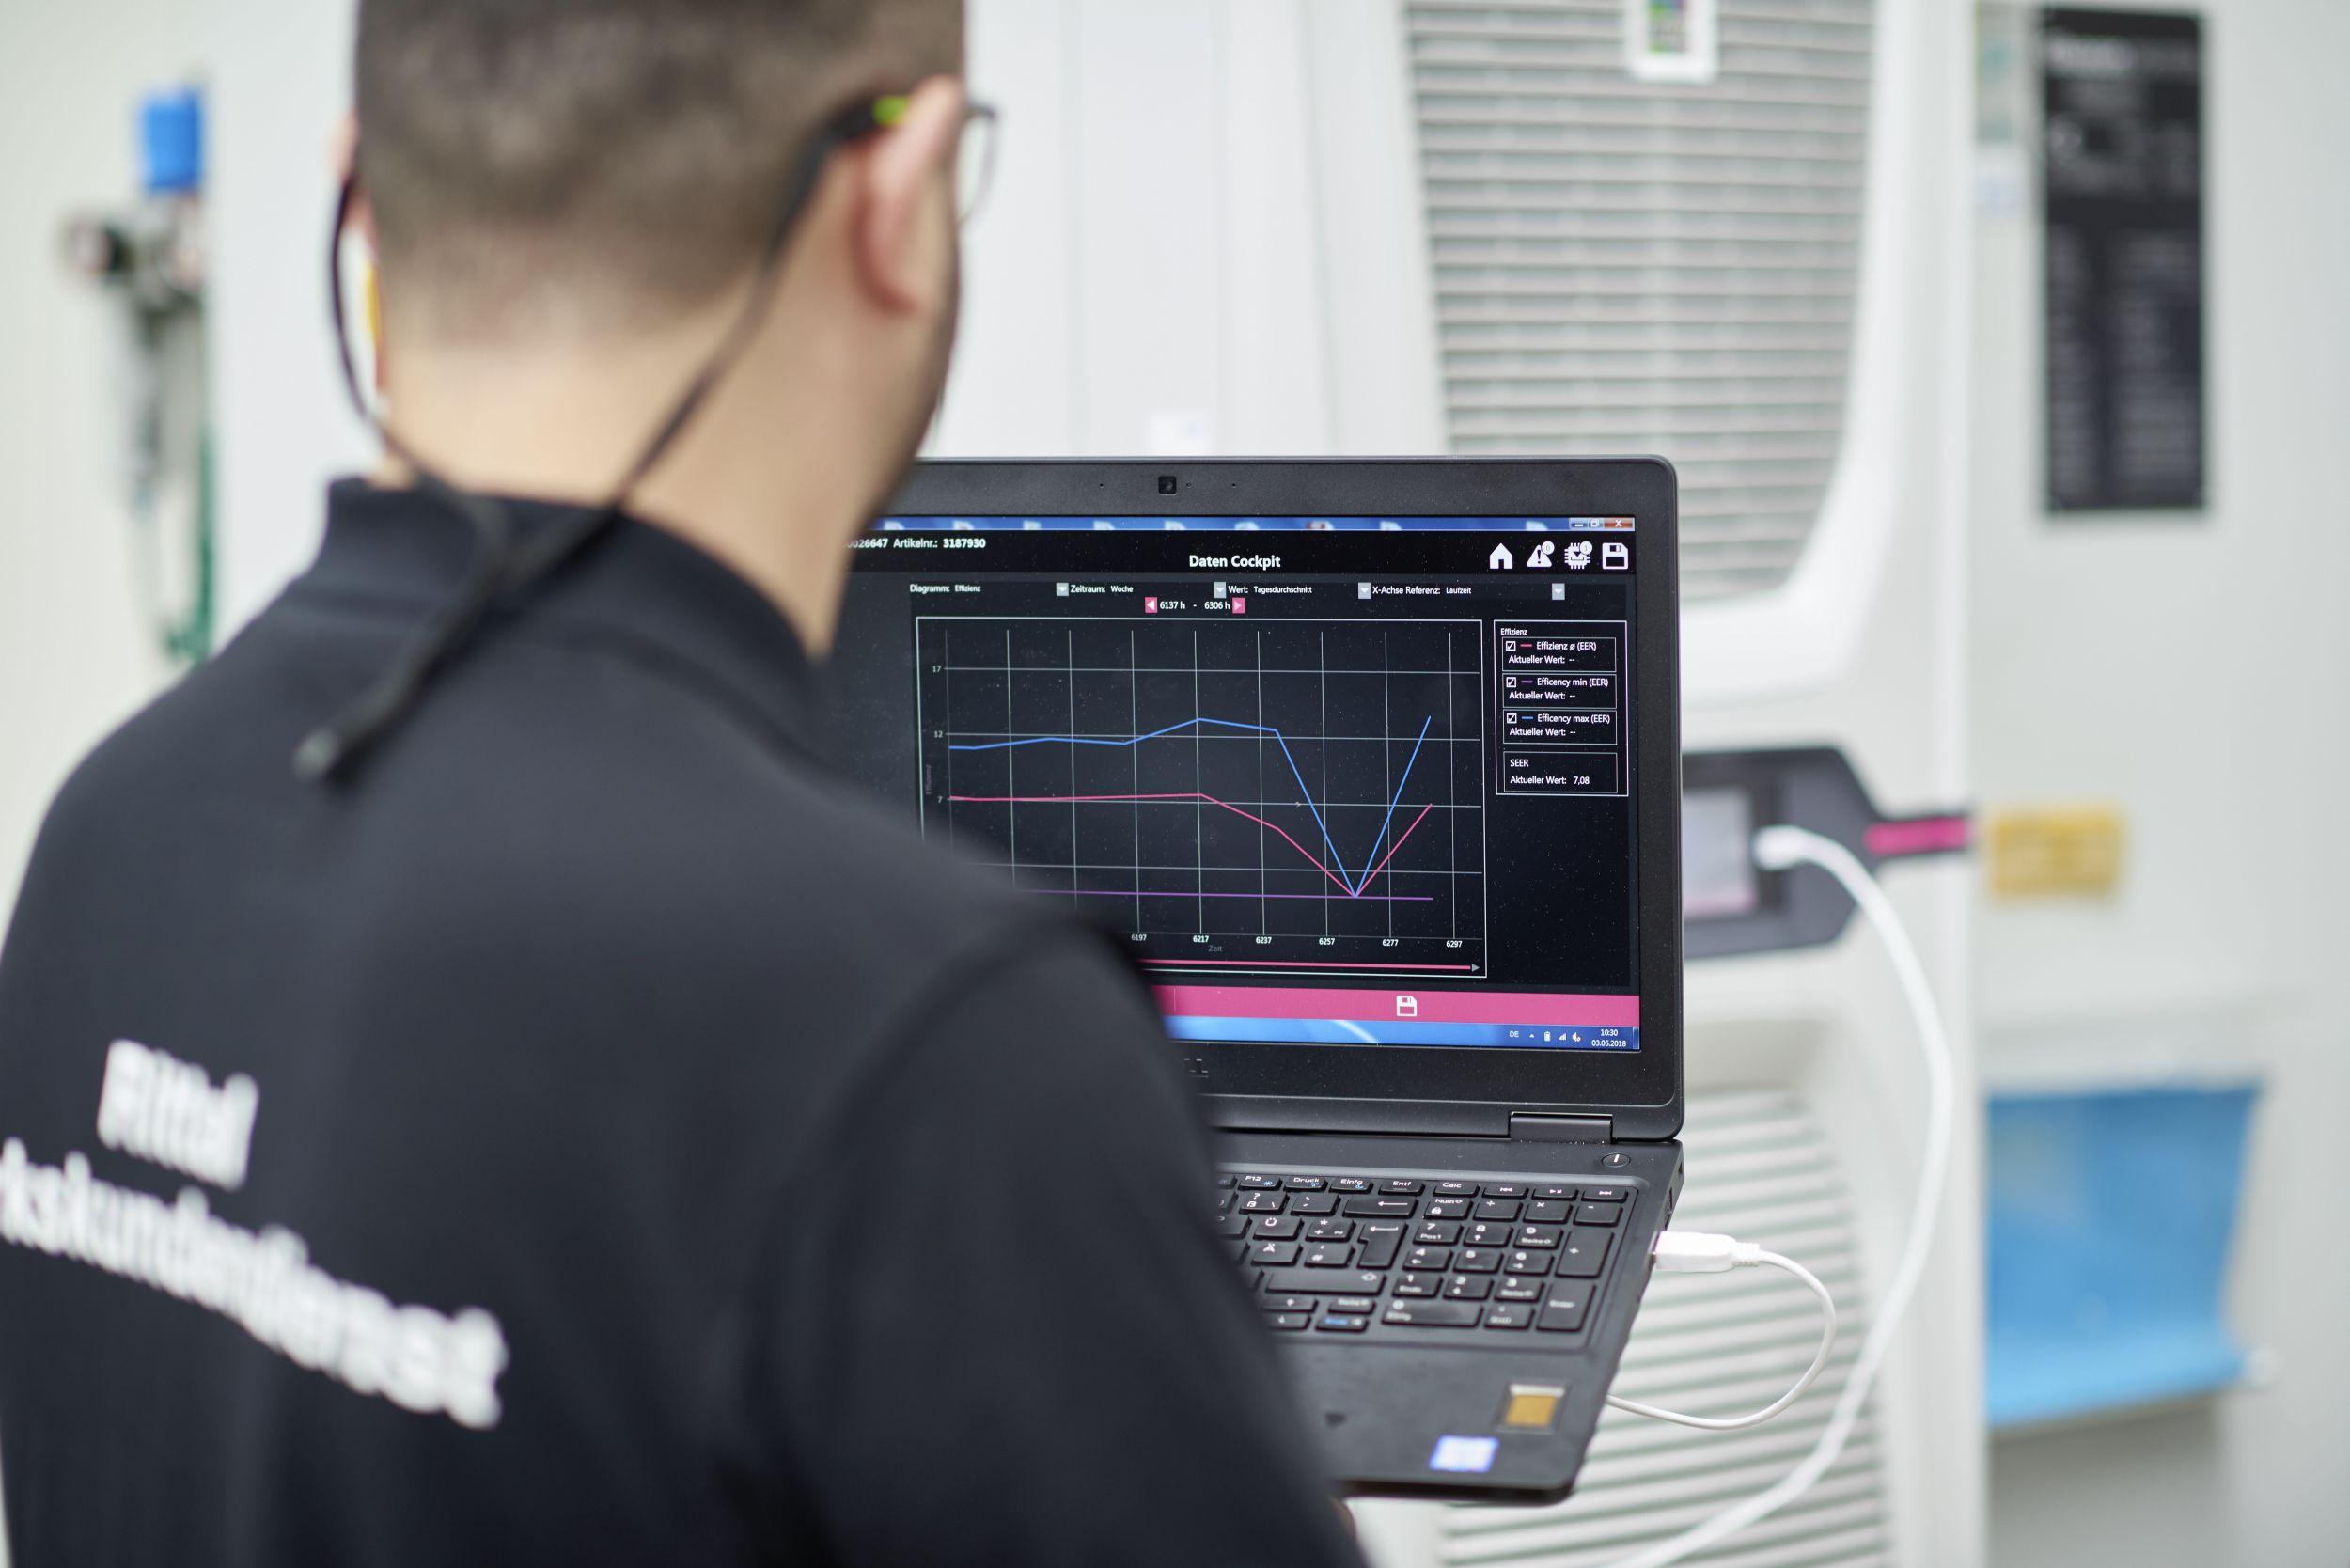 Ein Mitarbeiter vom Rittal Werkskundendienst checkt die aktuellen Effizienzwerte der Rittal Blue e+ Kühlgeräte bei Voith Turbo in Heidenheim. (Bild: Rittal GmbH & Co. KG)